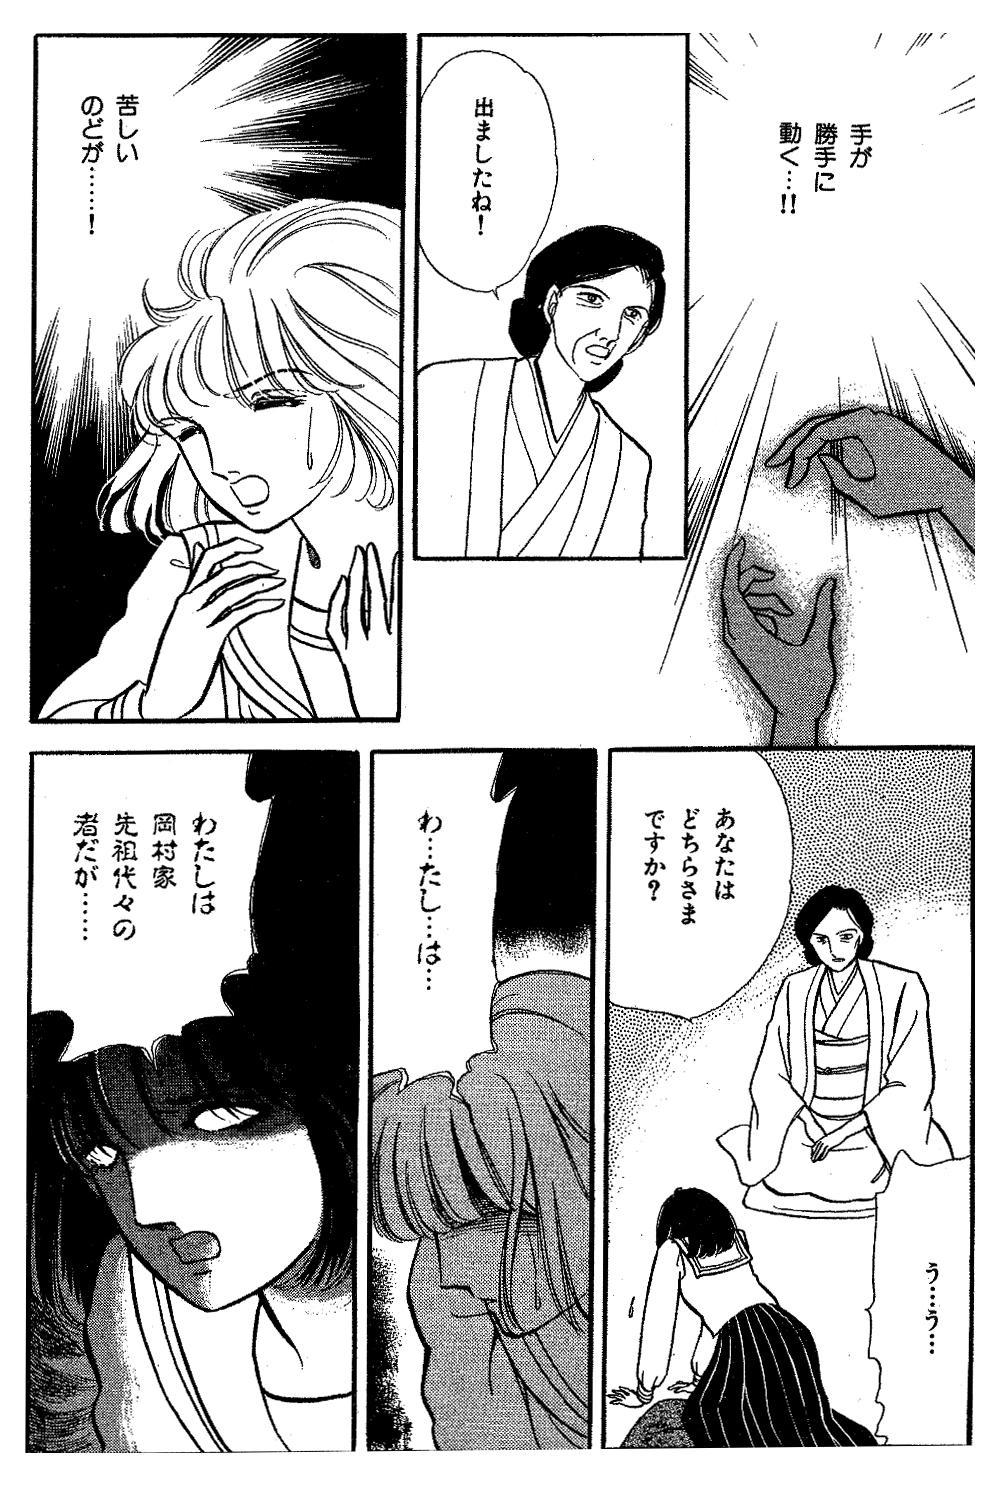 魔百合の恐怖報告  第2話「消えた黒猫」①mayuri07-05.jpg